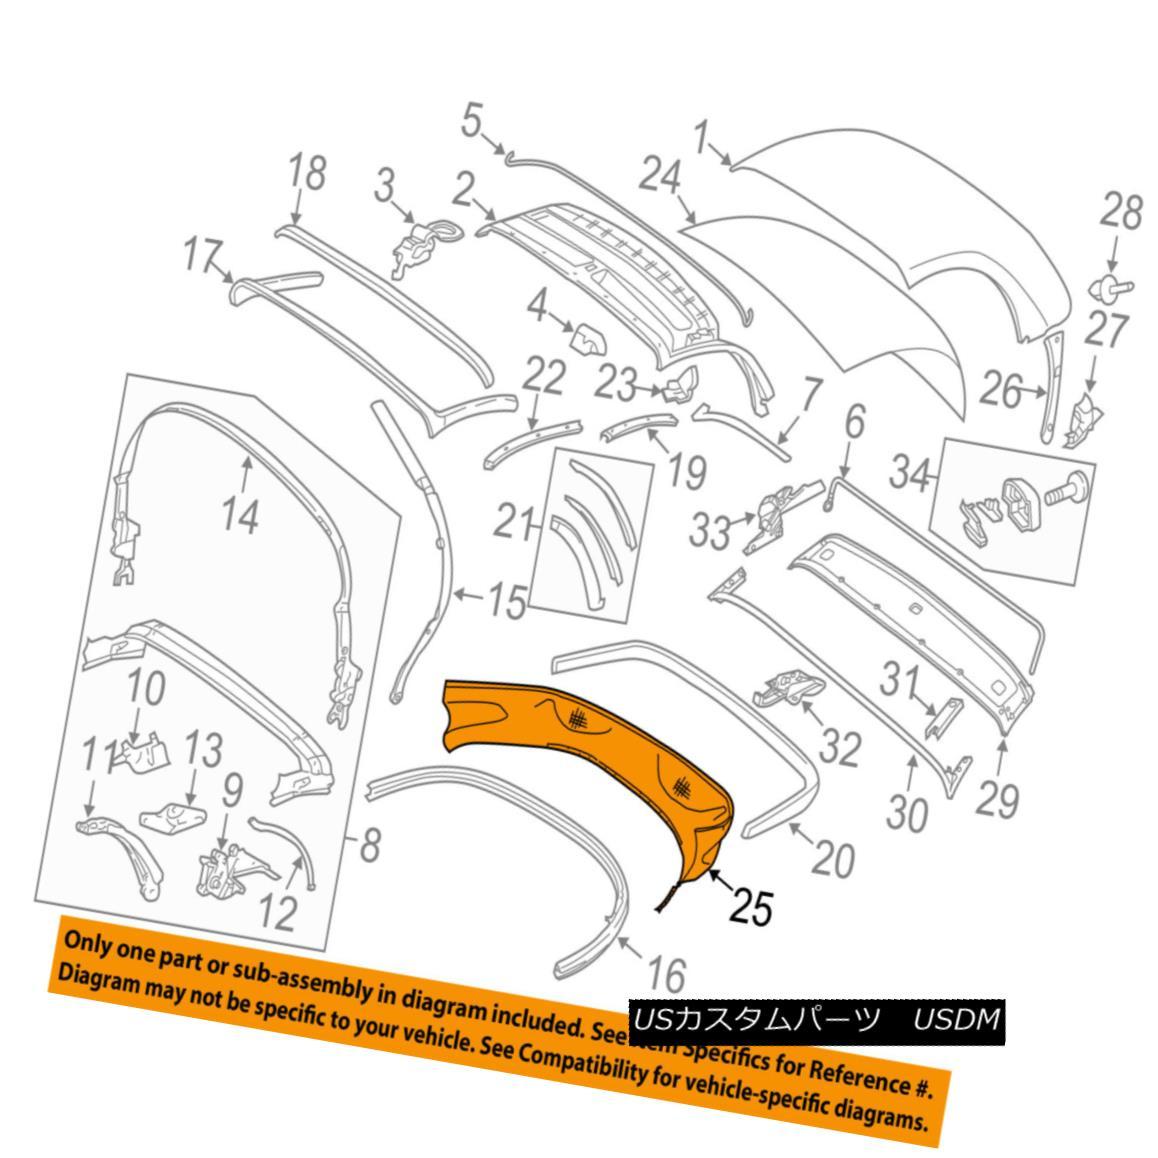 幌・ソフトトップ PORSCHE OEM 05-12 Boxster Convertible/soft Top-Lower Cover 98756108501A21 PORSCHE OEM 05-12 Boxster Convertible / so ftトップロワーカバー98756108501A21